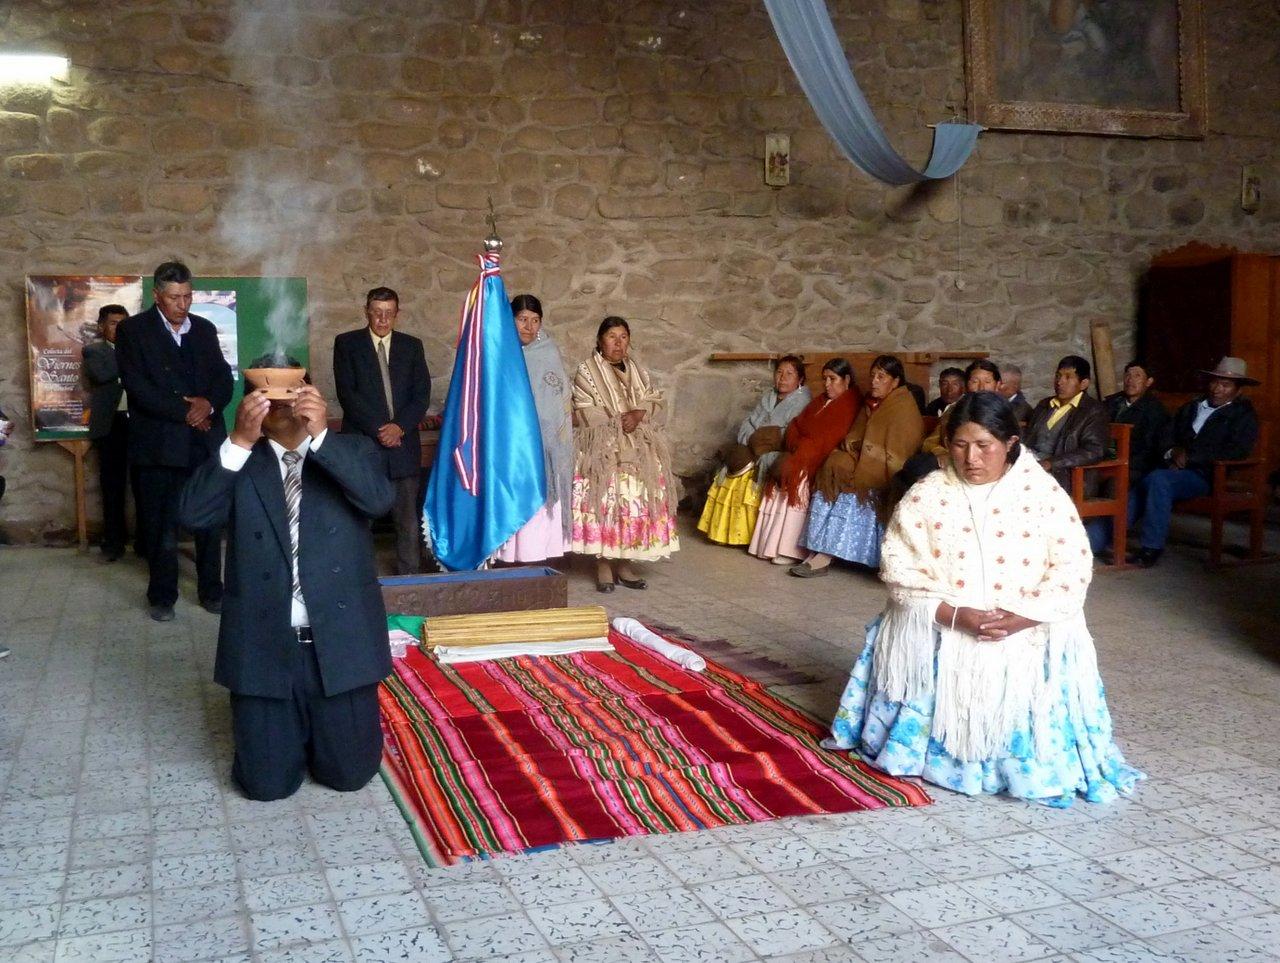 lago titicaca fai da te: rito religioso a Chucuito